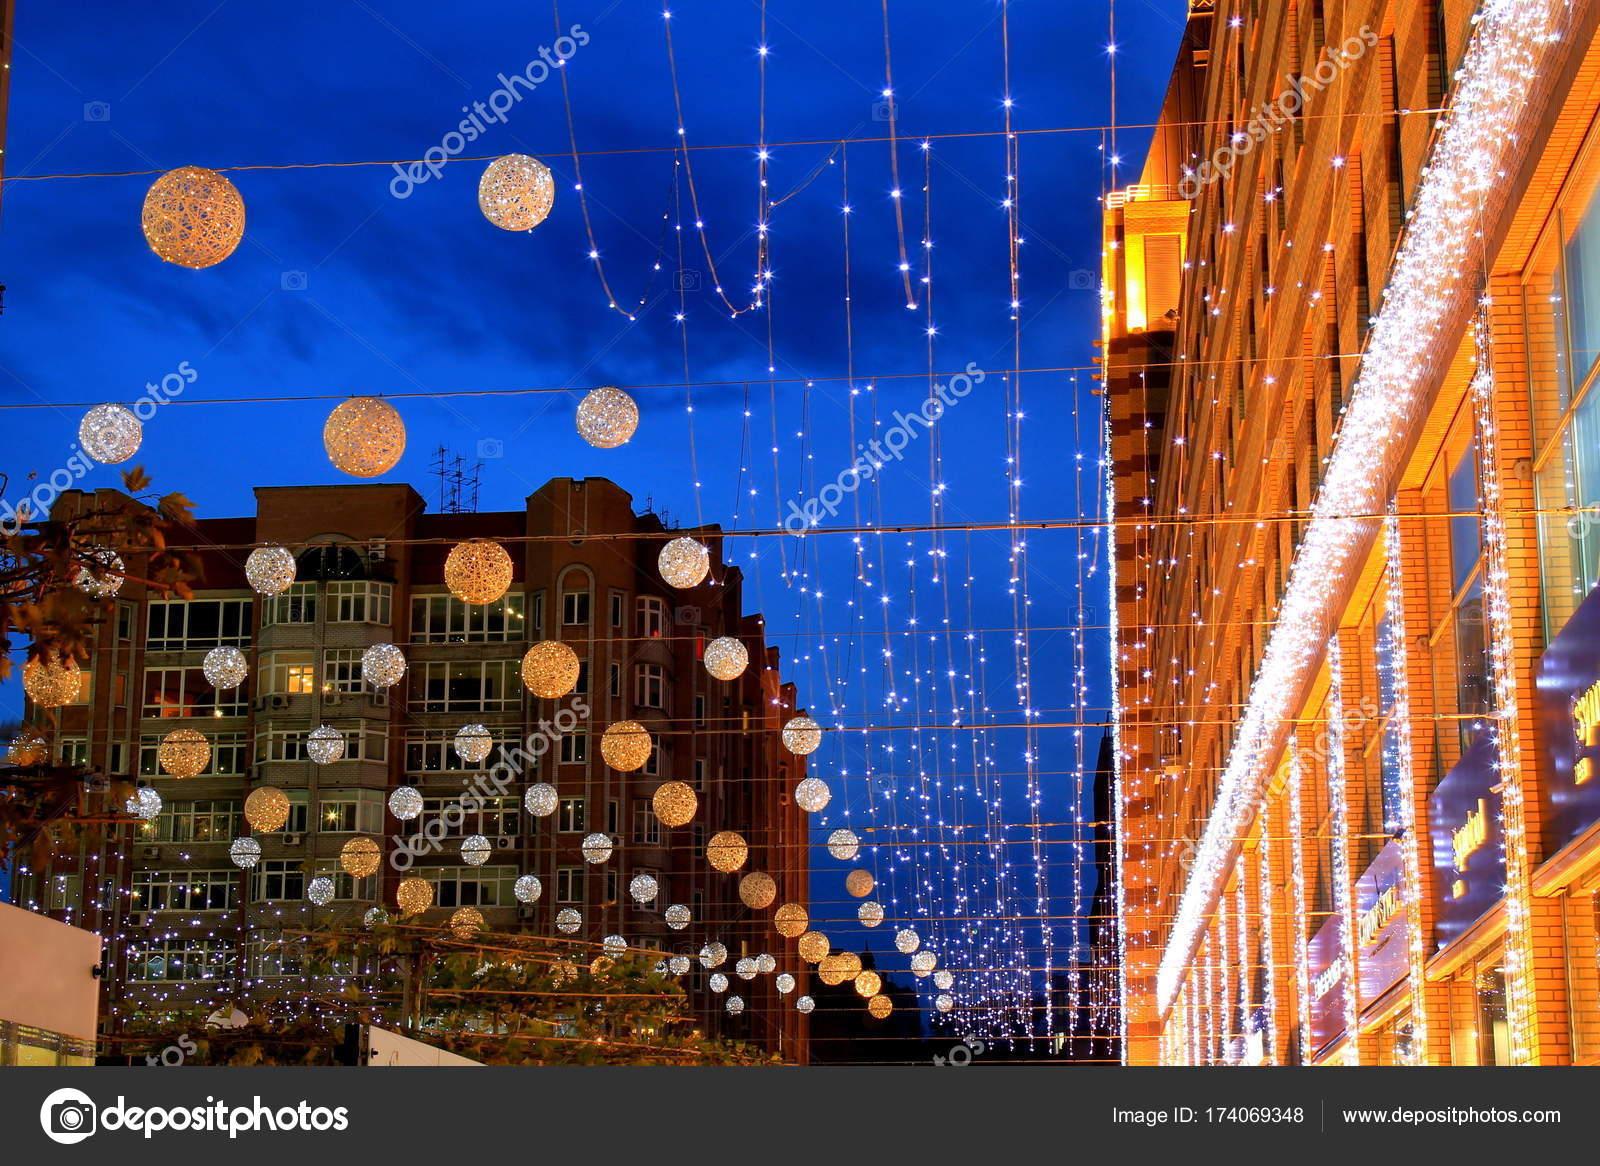 Il bellissimo viale decorato con sfere e illuminazione di notte